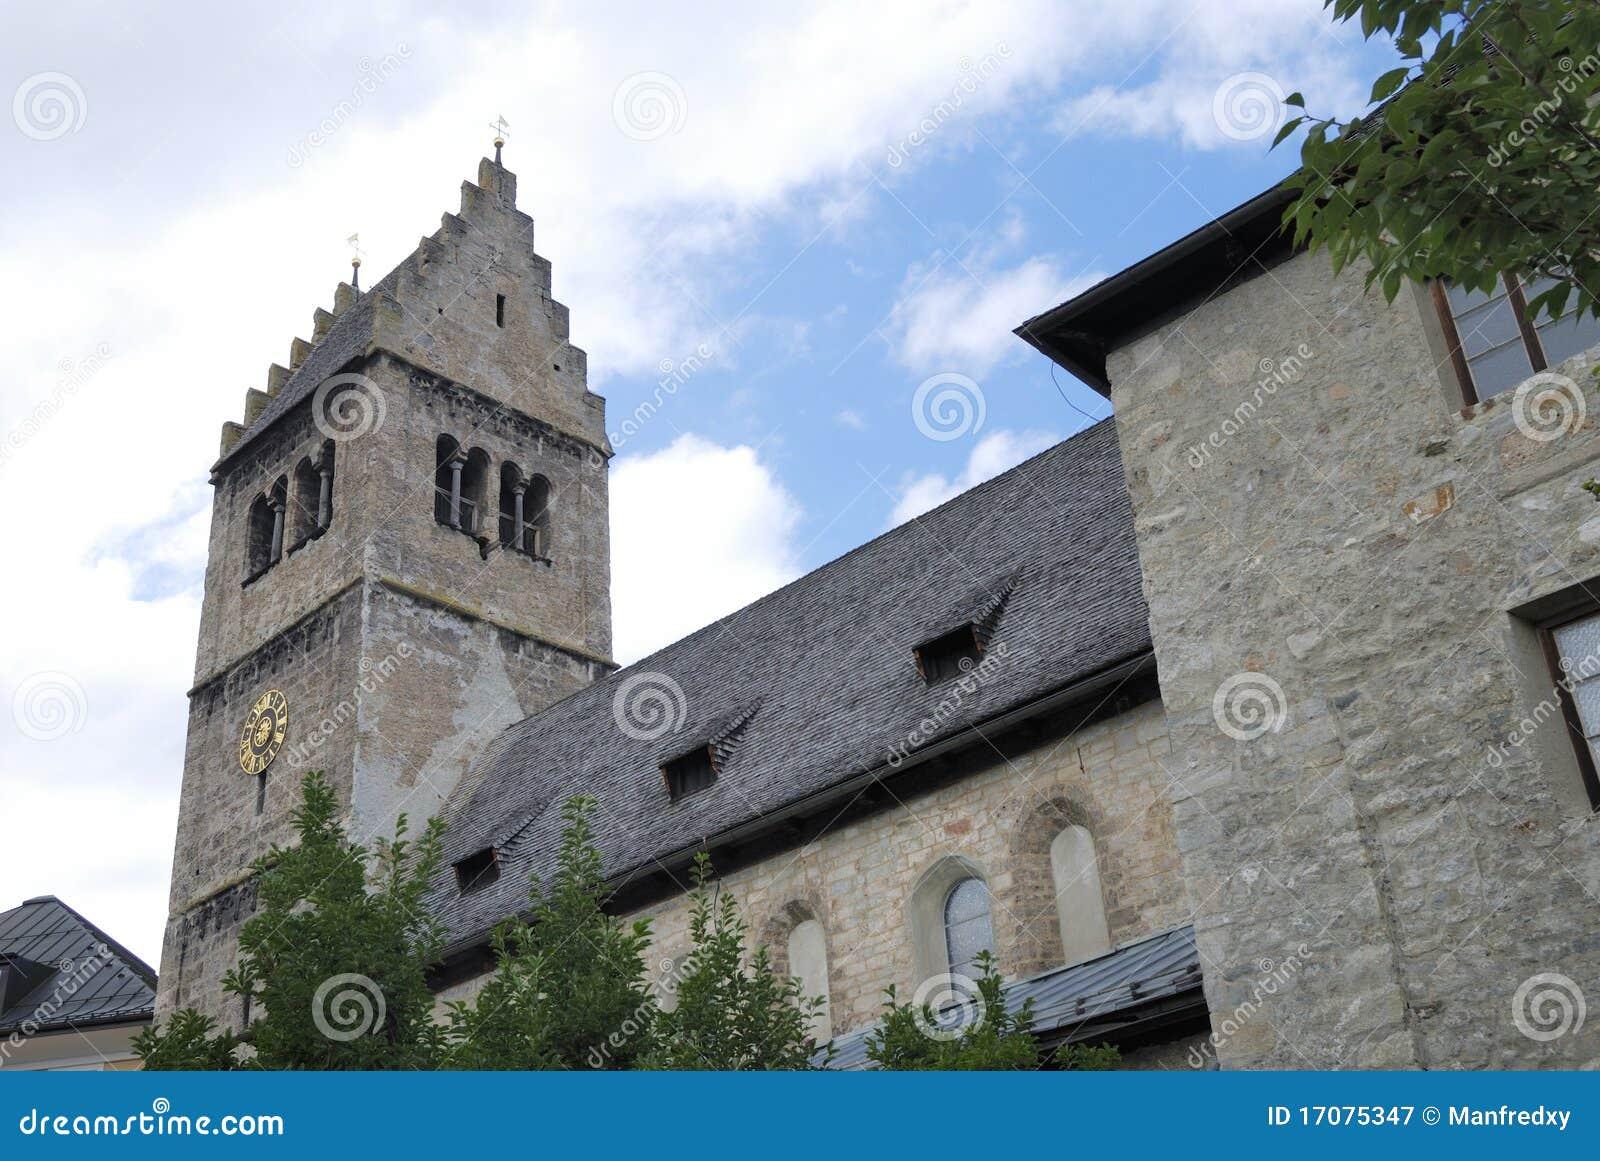 церковь medieaval